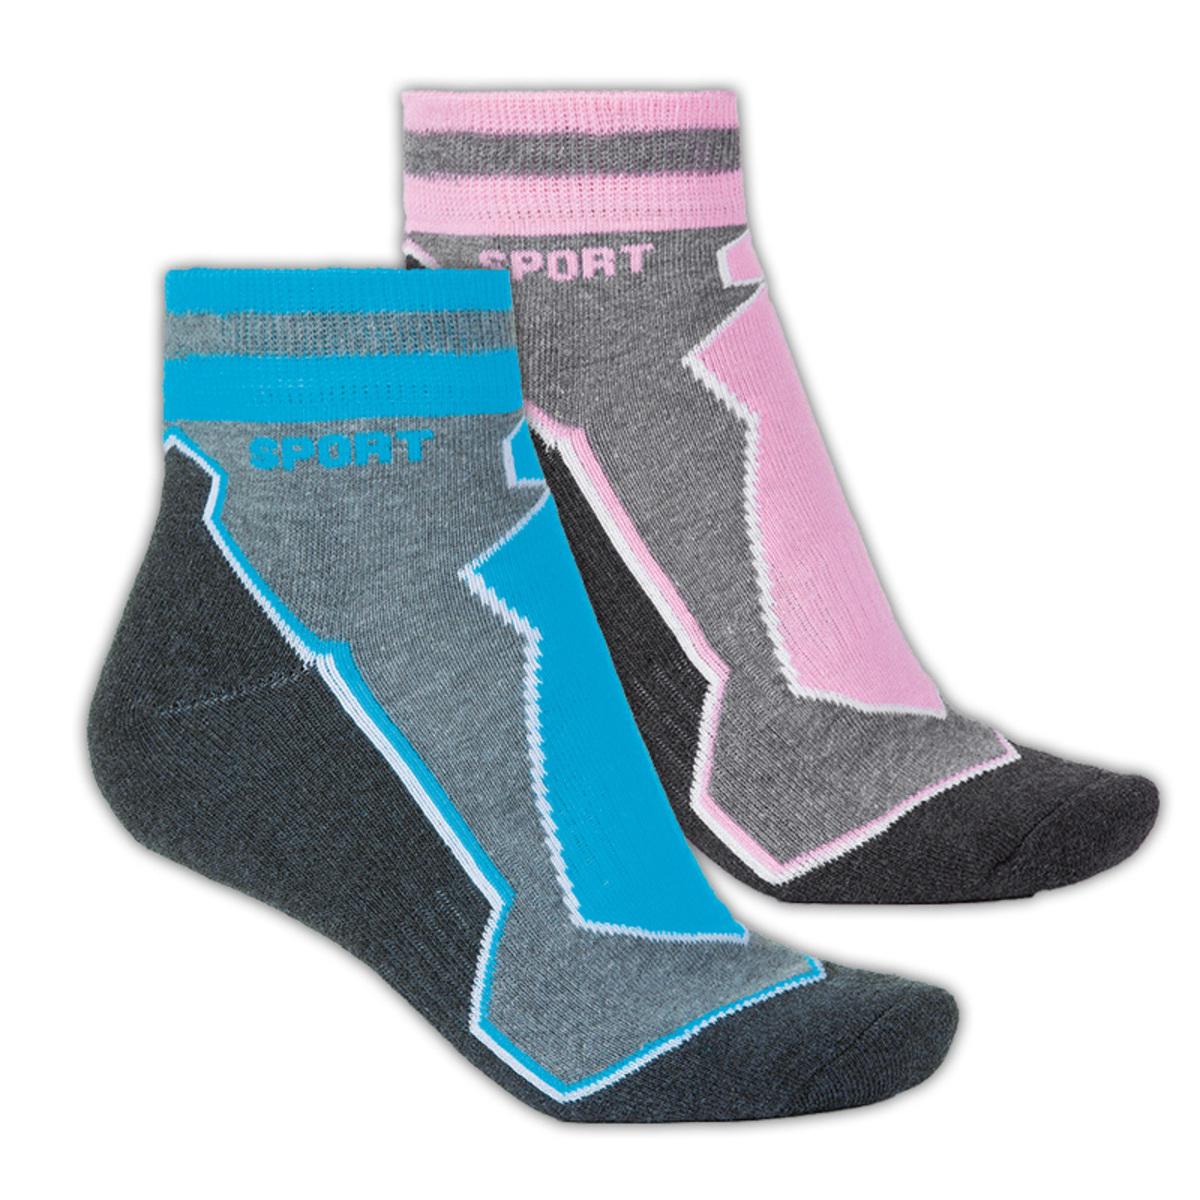 Bild 2 von Toptex Sport Sport-Socken 2 Paar